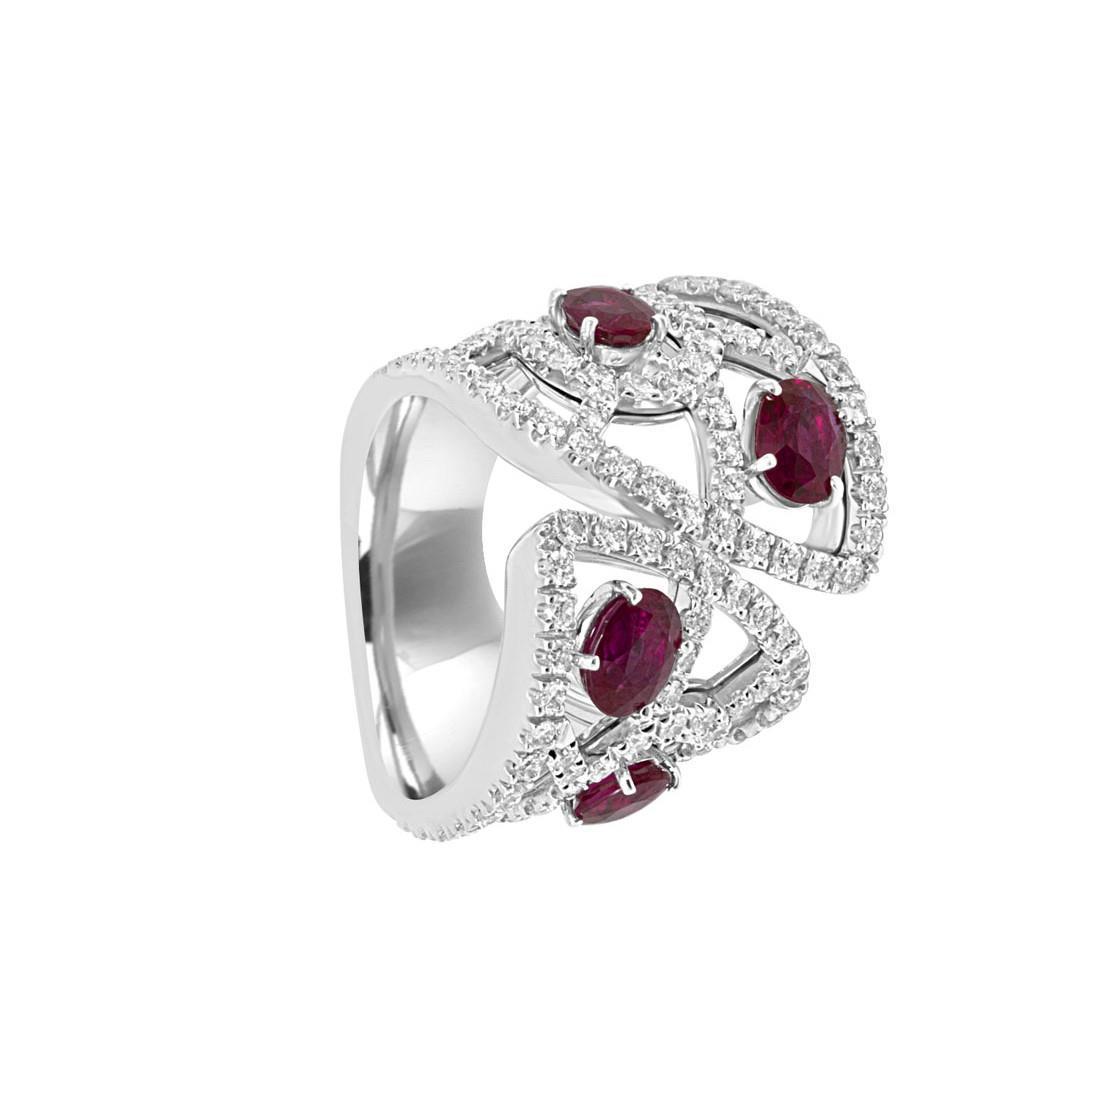 Anello con diamanti e rubini - DAMIANI